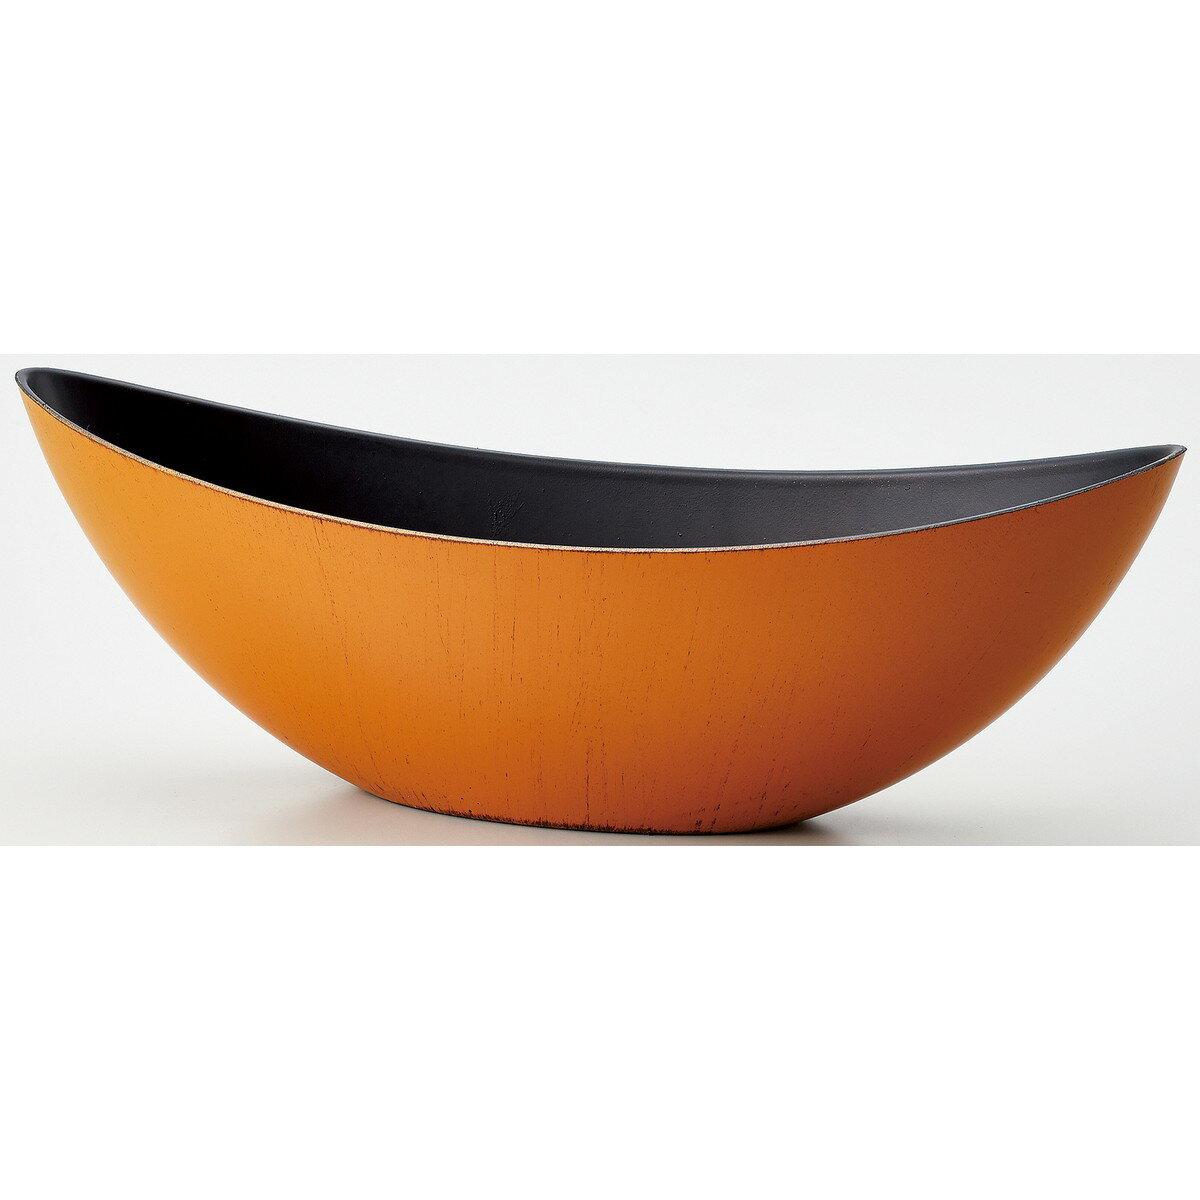 WABIボートM MOI−65 MOI−654 イブシヤマブキ/134-654-5【01】【取寄】《 花器、リース 花器・花瓶 プラスチック・アクリル花器 》